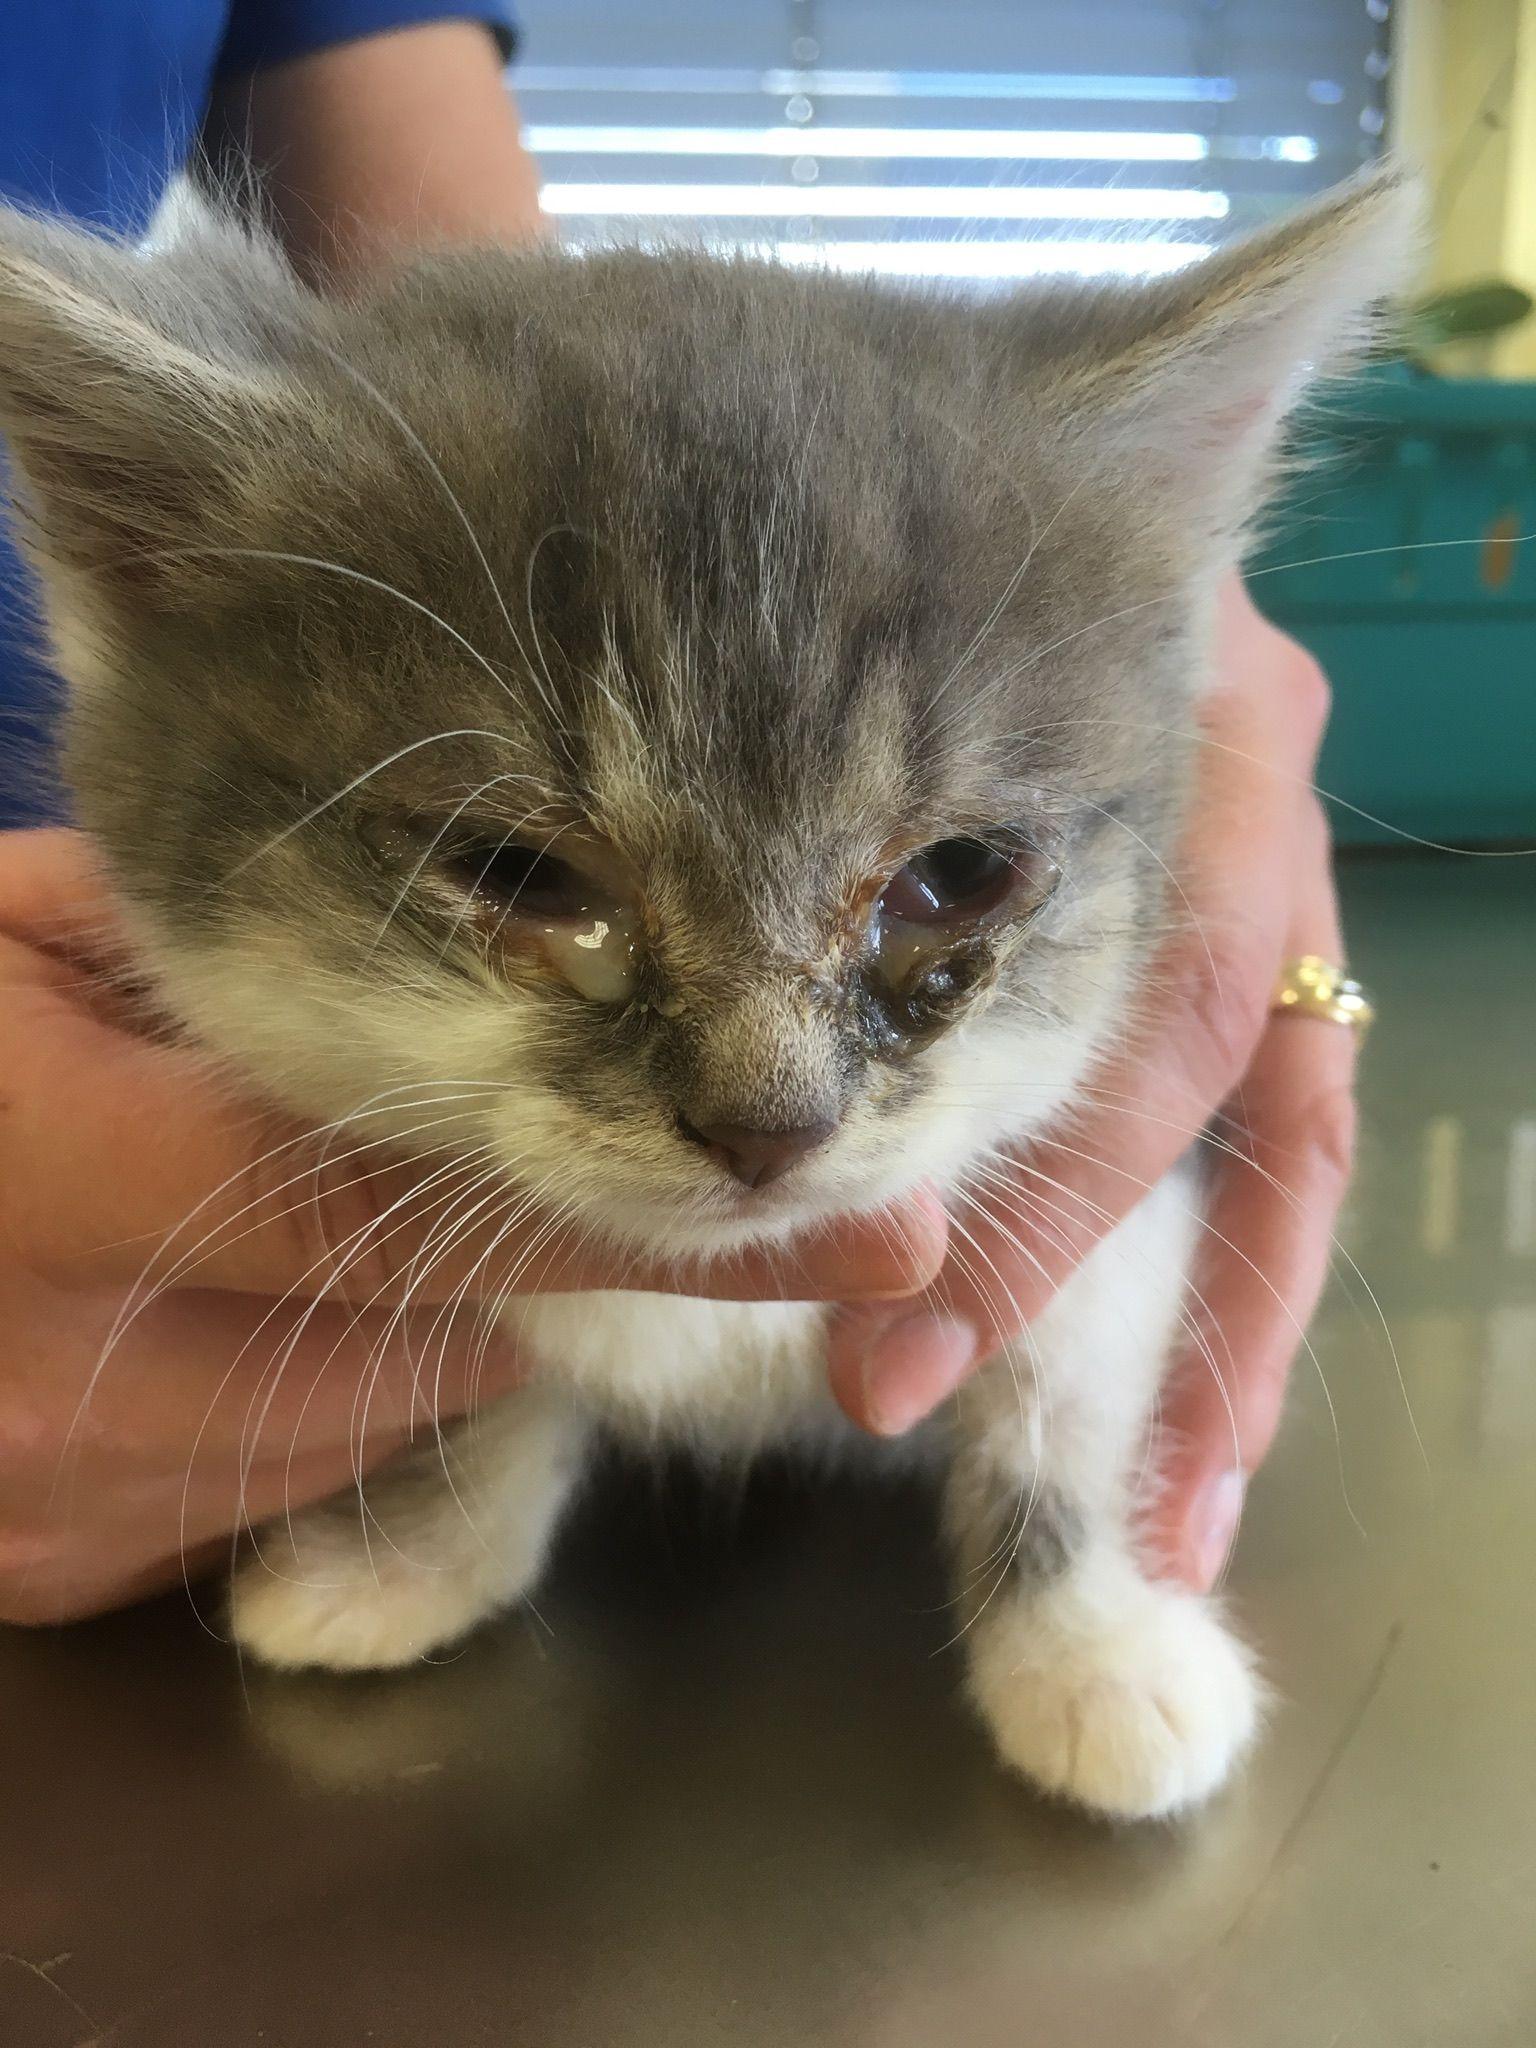 Herbstkatzchen Bitte Dringend Zum Tierarzt Bringen Damit Der